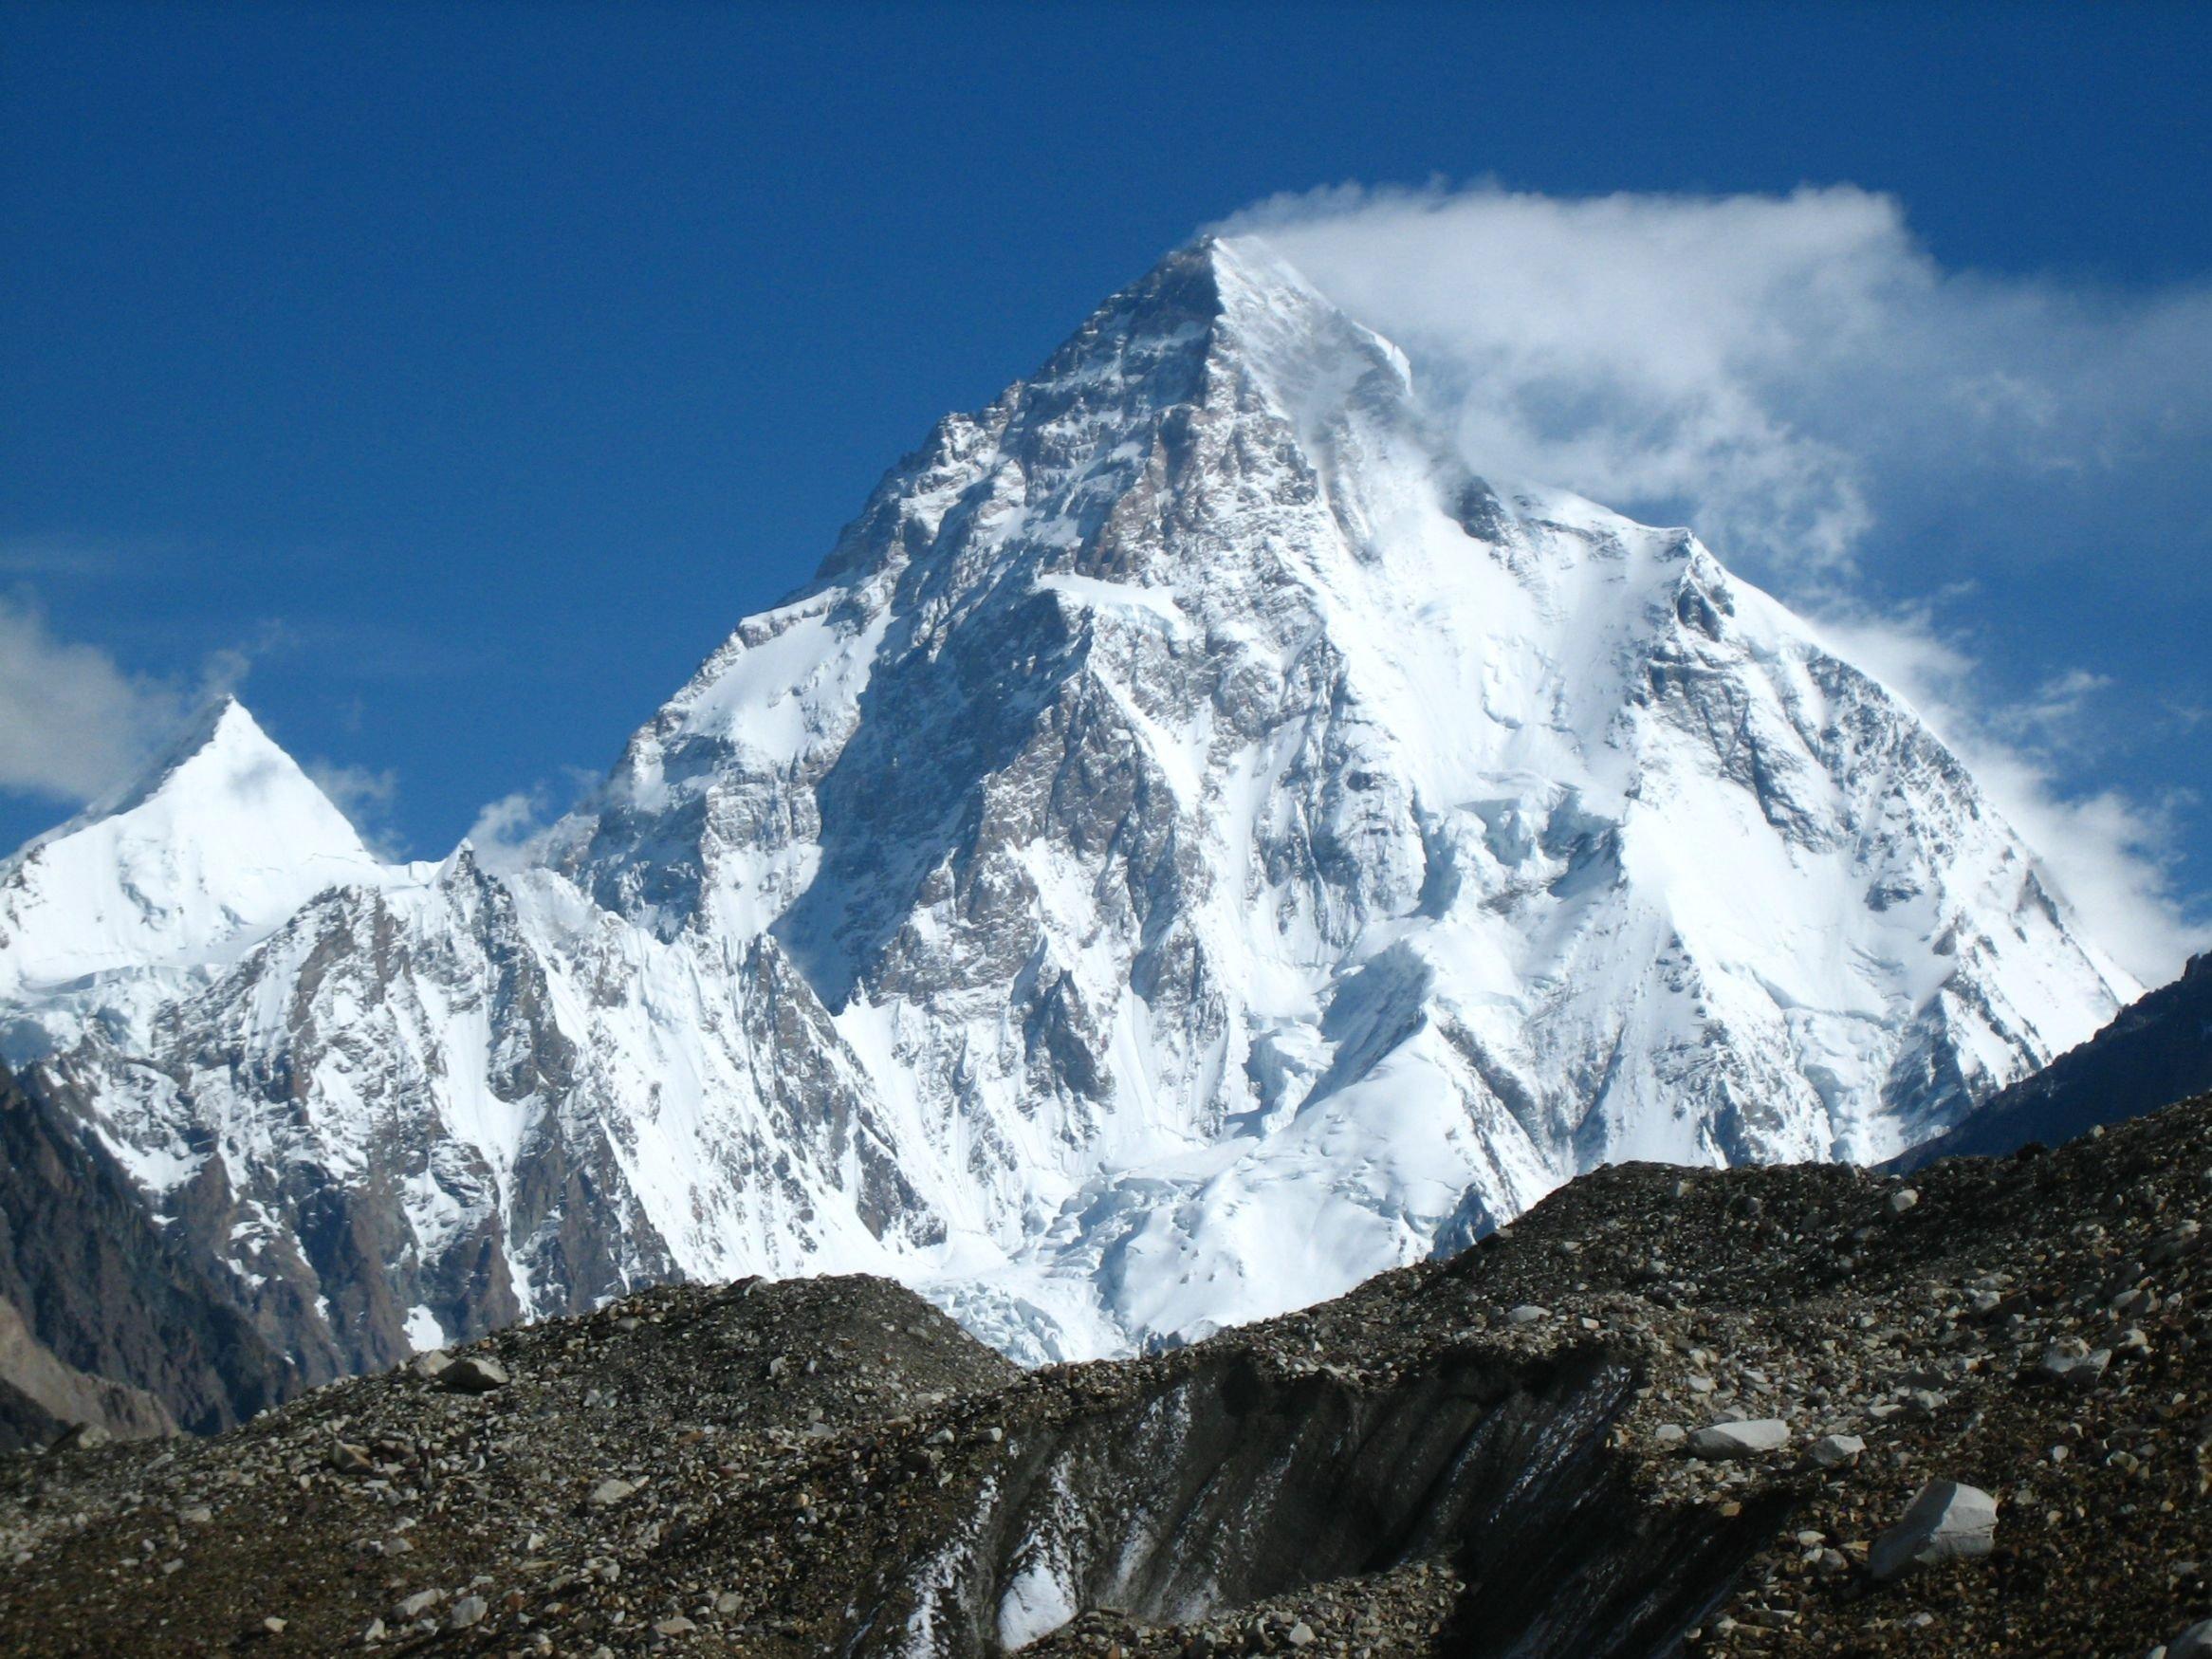 Himalaya wallpapers photos and desktop backgrounds up to - Himalaya pictures wallpaper ...